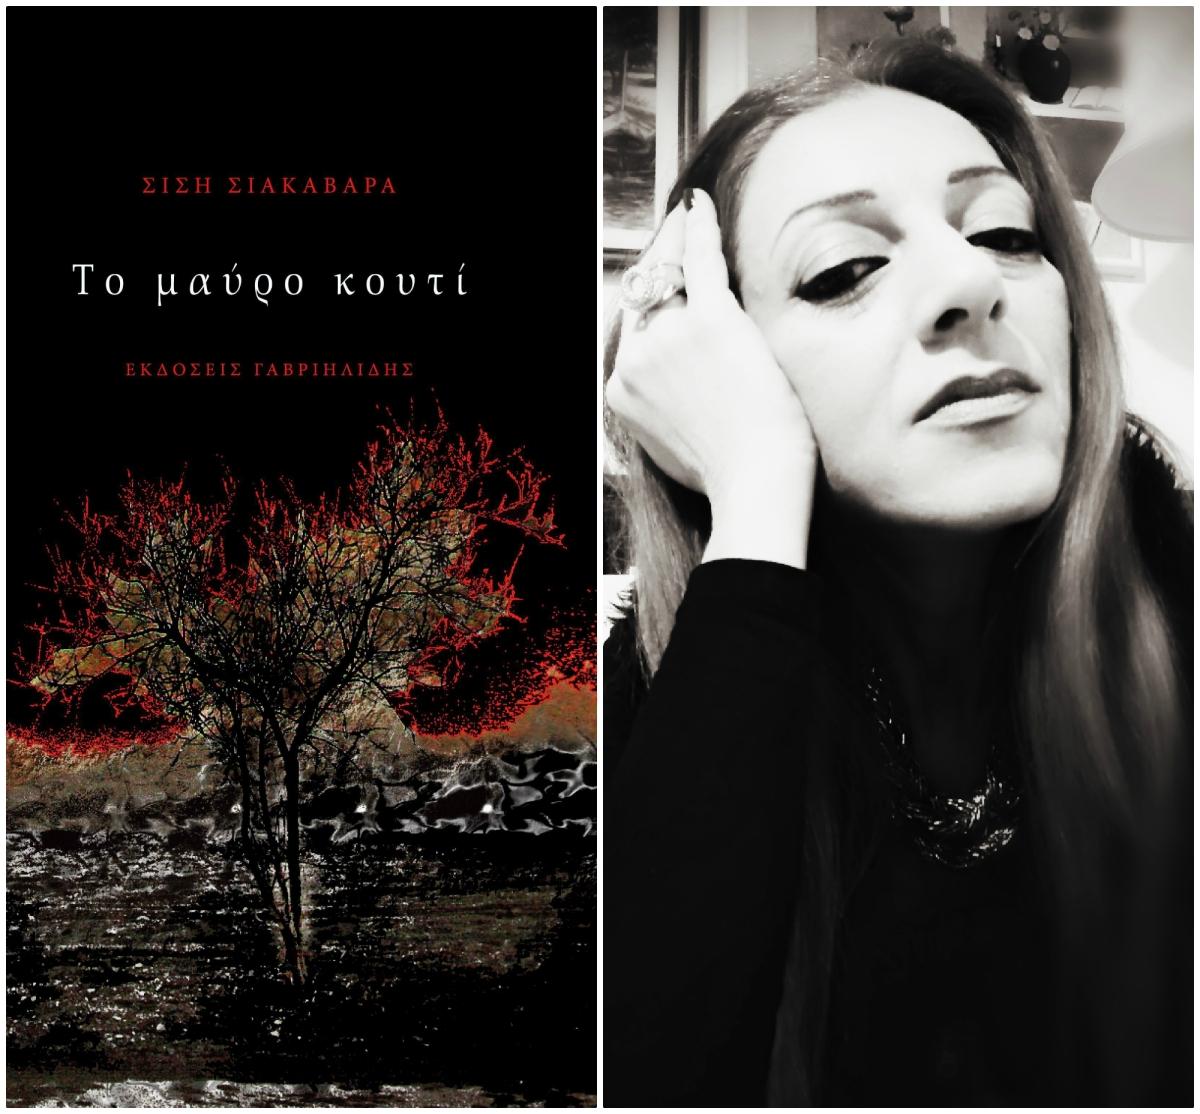 «Το μαύρο κουτί» | Η πρώτη ποιητική συλλογή της Σίσης Σιακαβάρα από τις Εκδόσεις Γαβριηλίδη